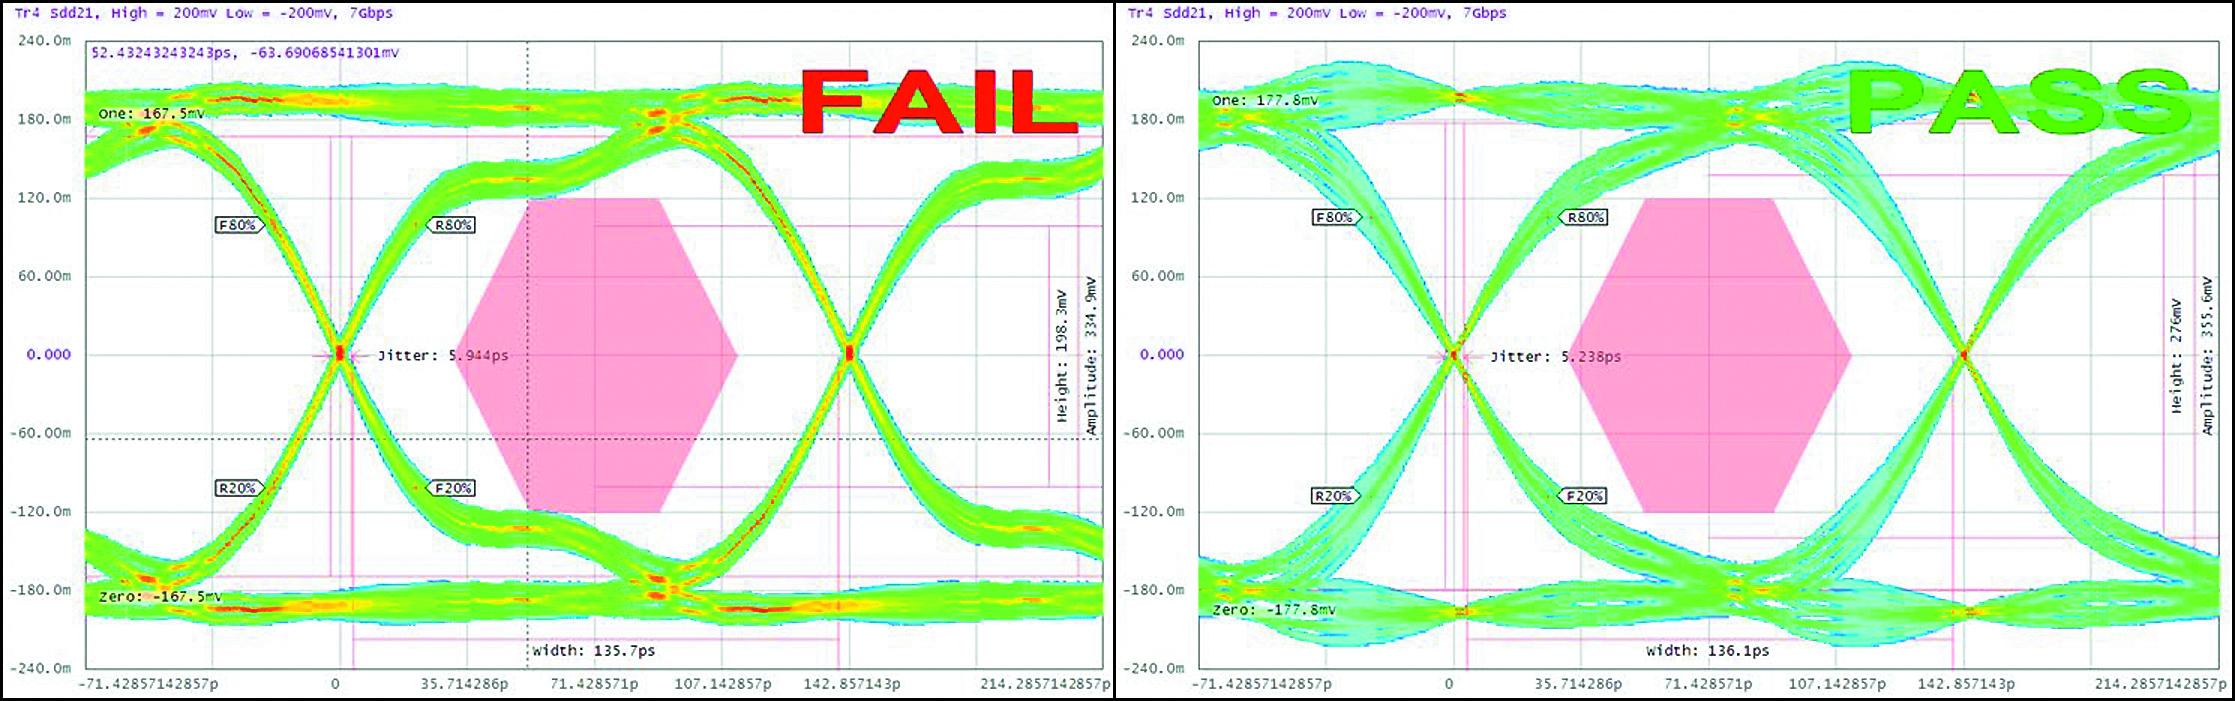 Глазковая диаграмма с фильтром WE-CNSW (слева) и фильтром на WE-CNSW HF (справа) при скорости 7 Гбит/с